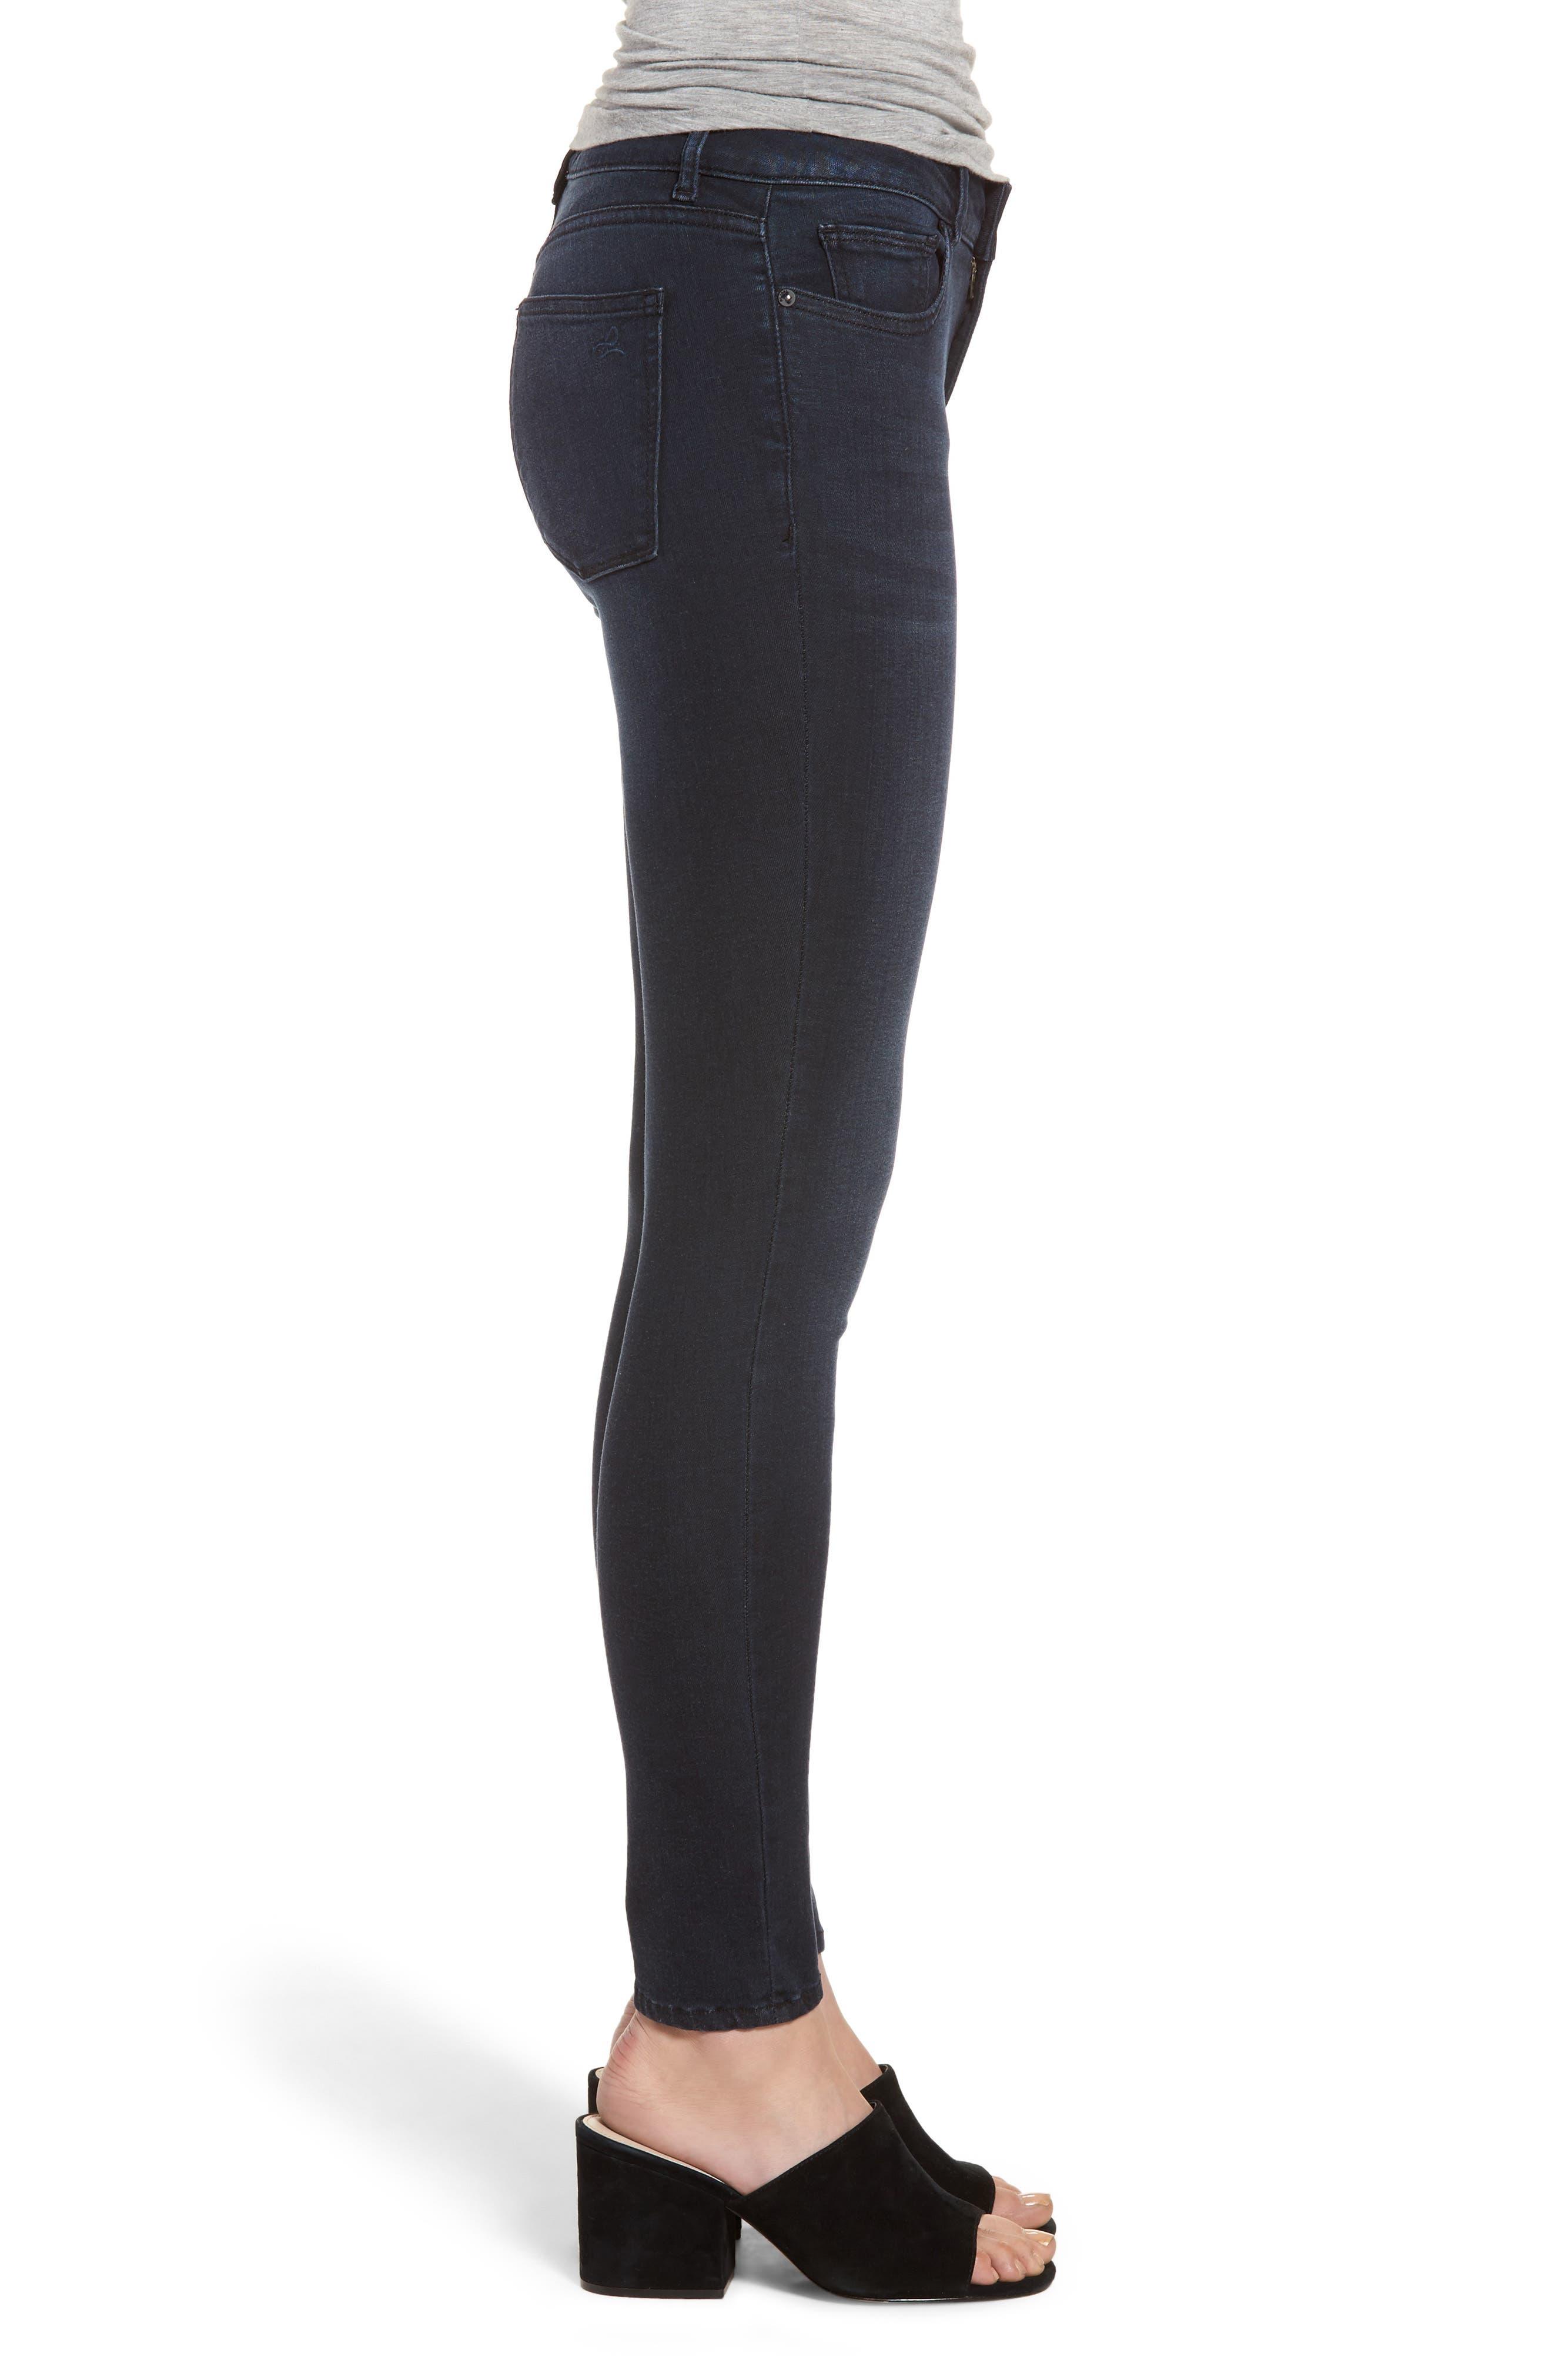 Emma Power Legging Skinny Jeans,                             Alternate thumbnail 3, color,                             Macon